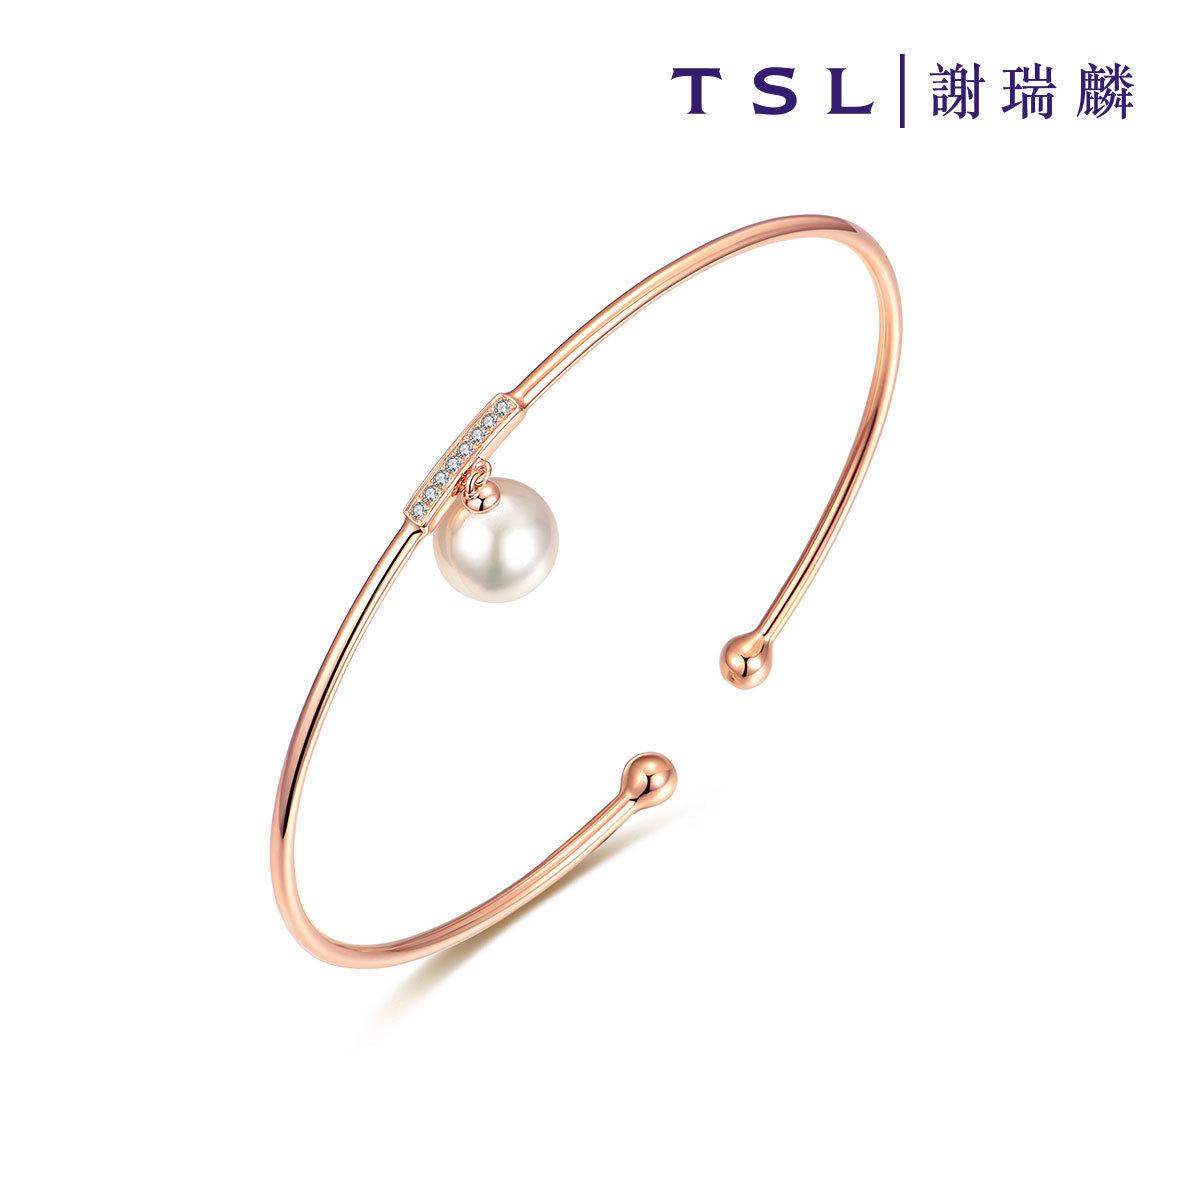 18K Rose Gold Akoya Pearl Bracelet